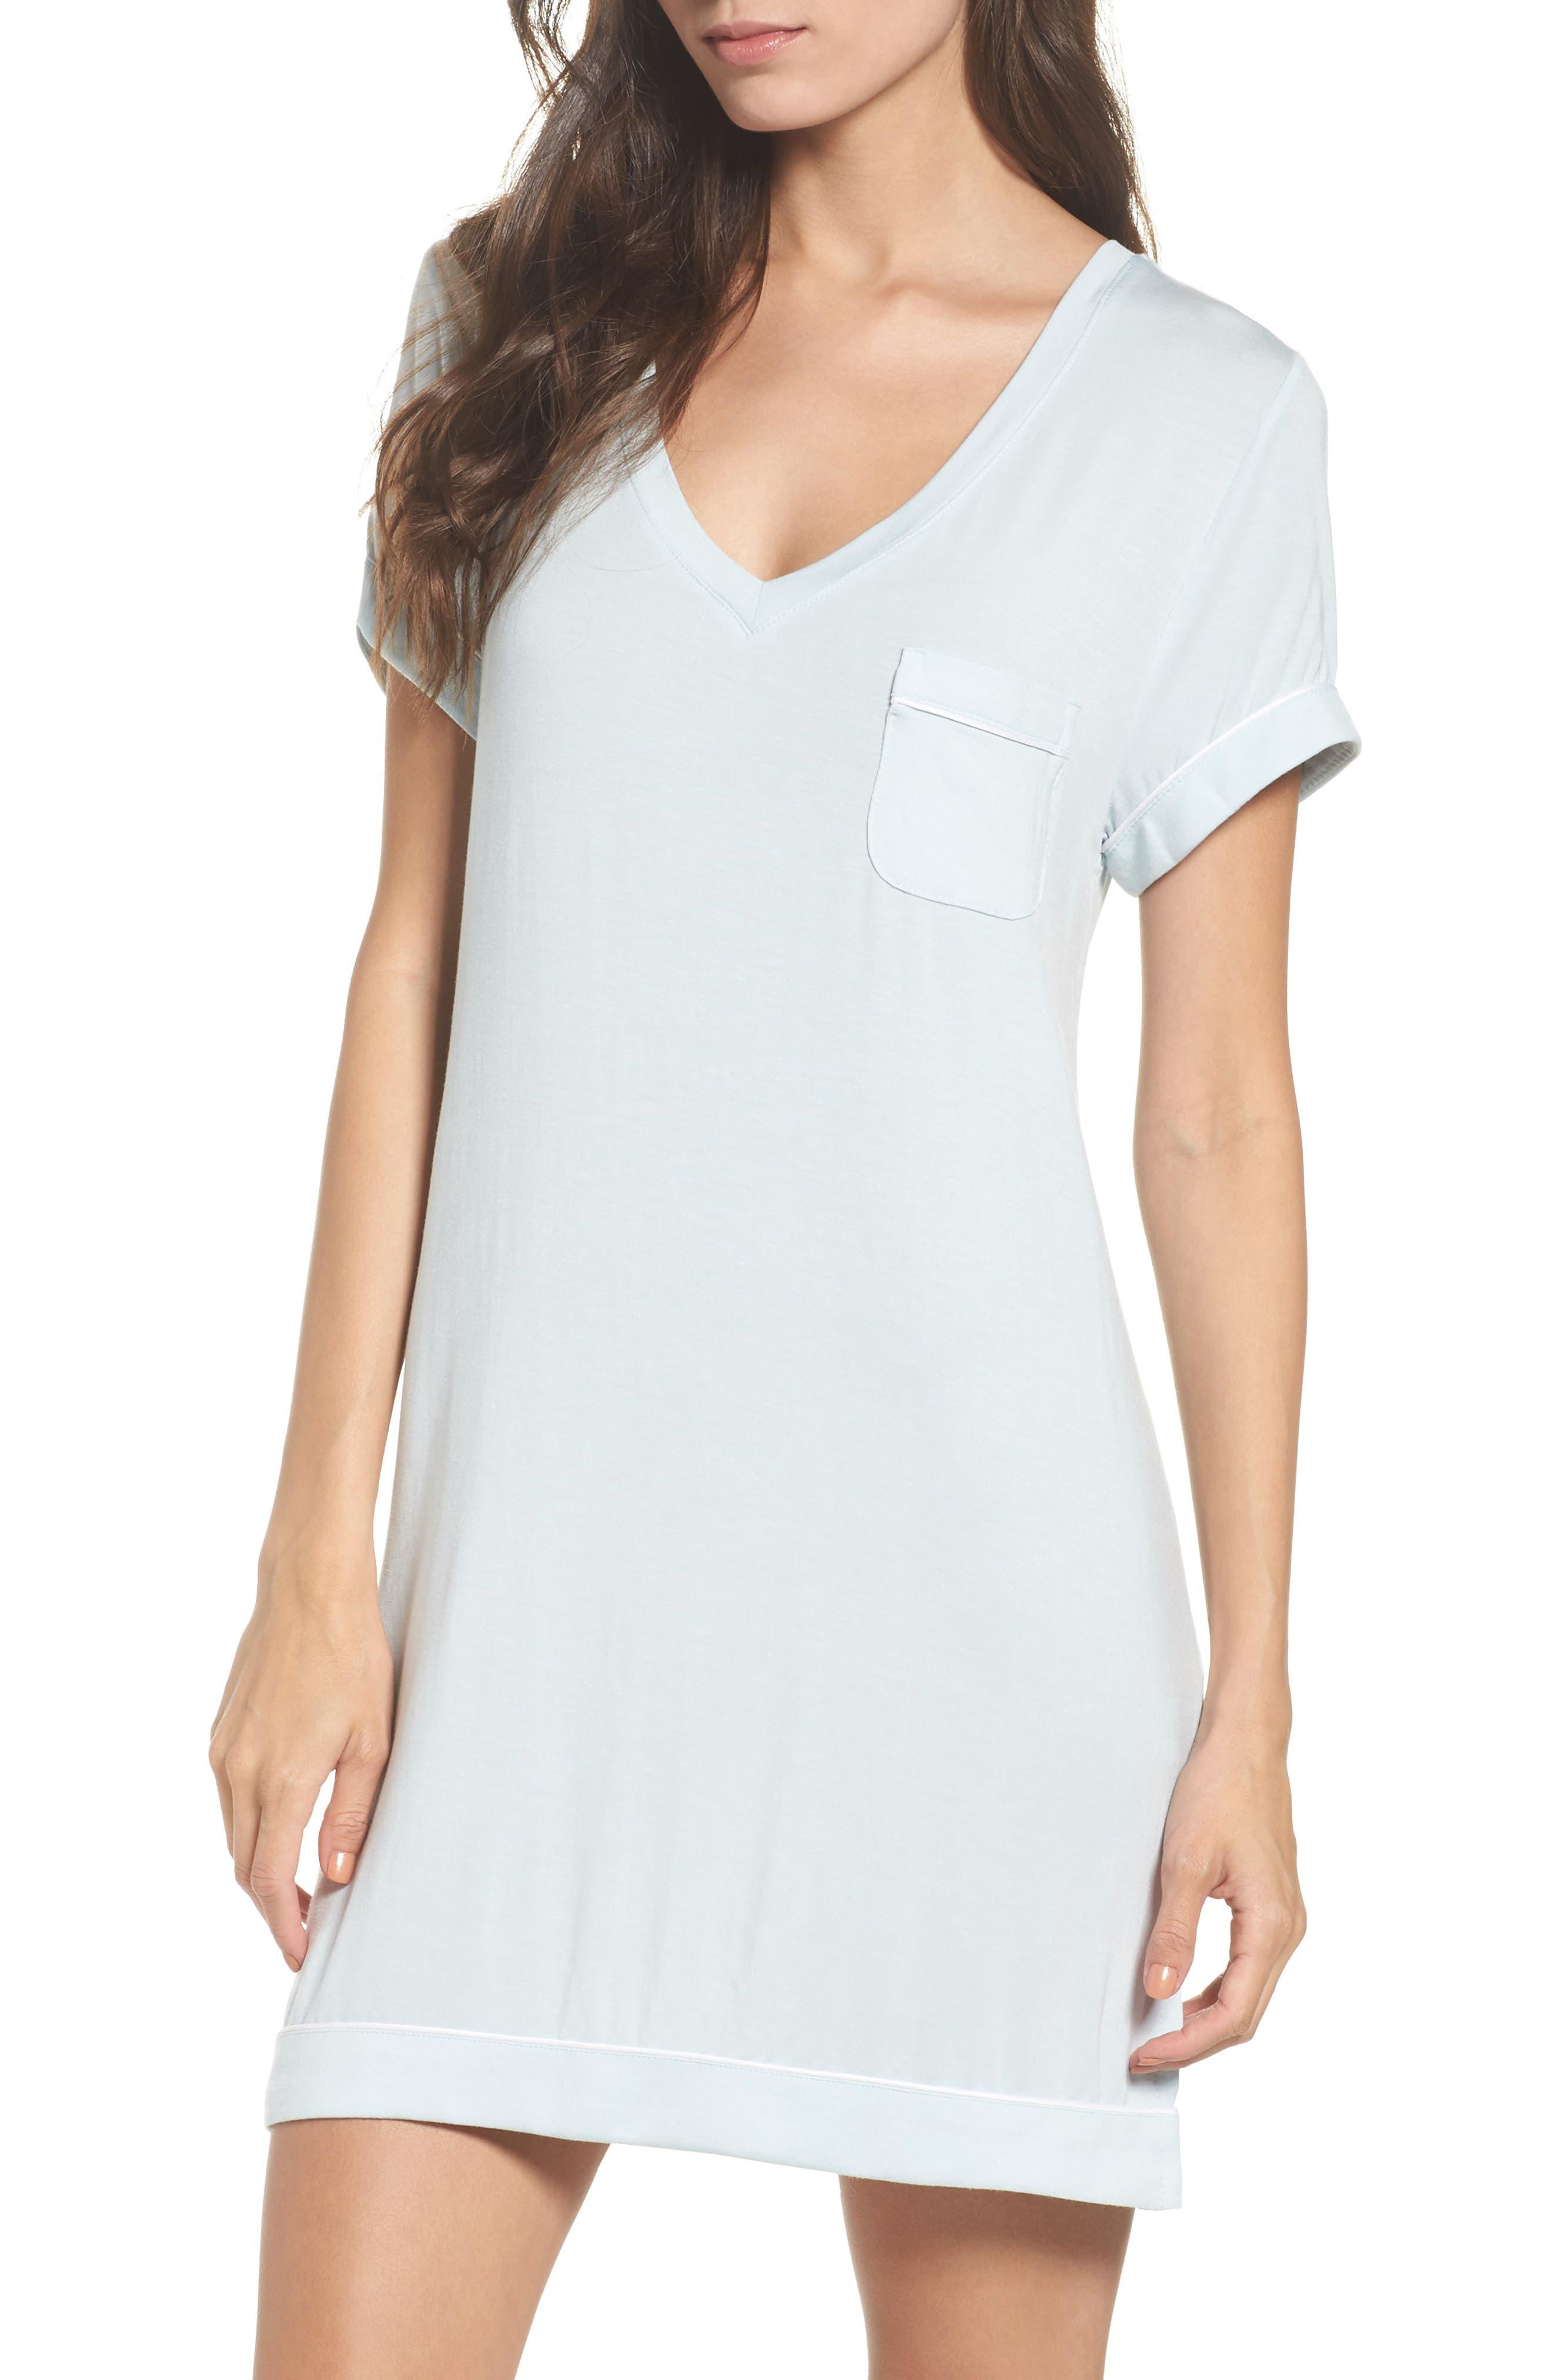 Alternate Image 1 Selected - Nordstrom Lingerie Moonlight Sleep Shirt